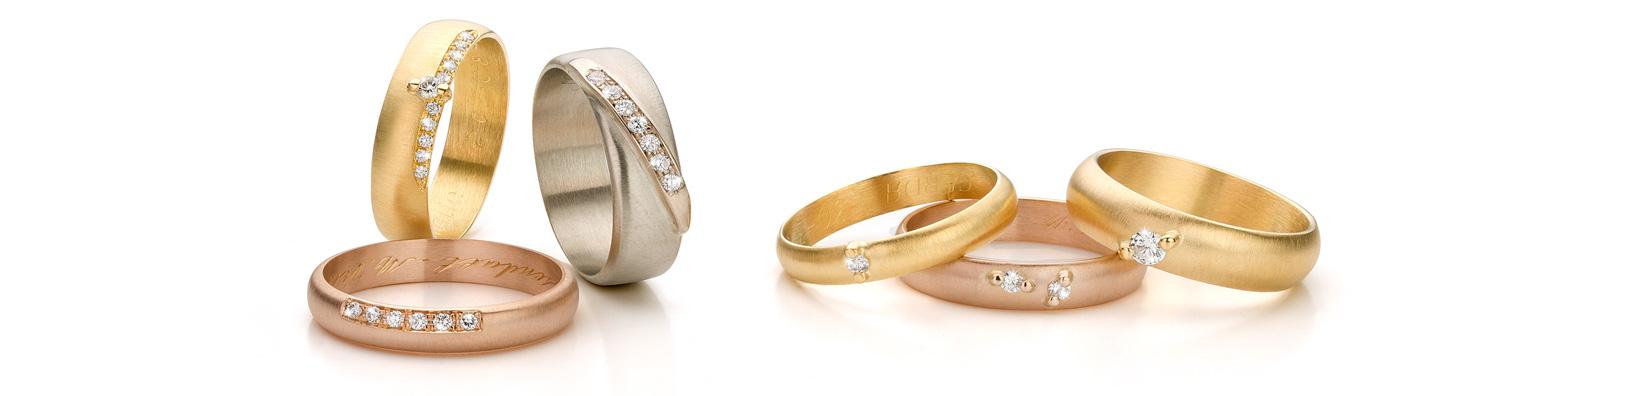 Wat doe je met de trouwring na het overlijden van een geliefde?